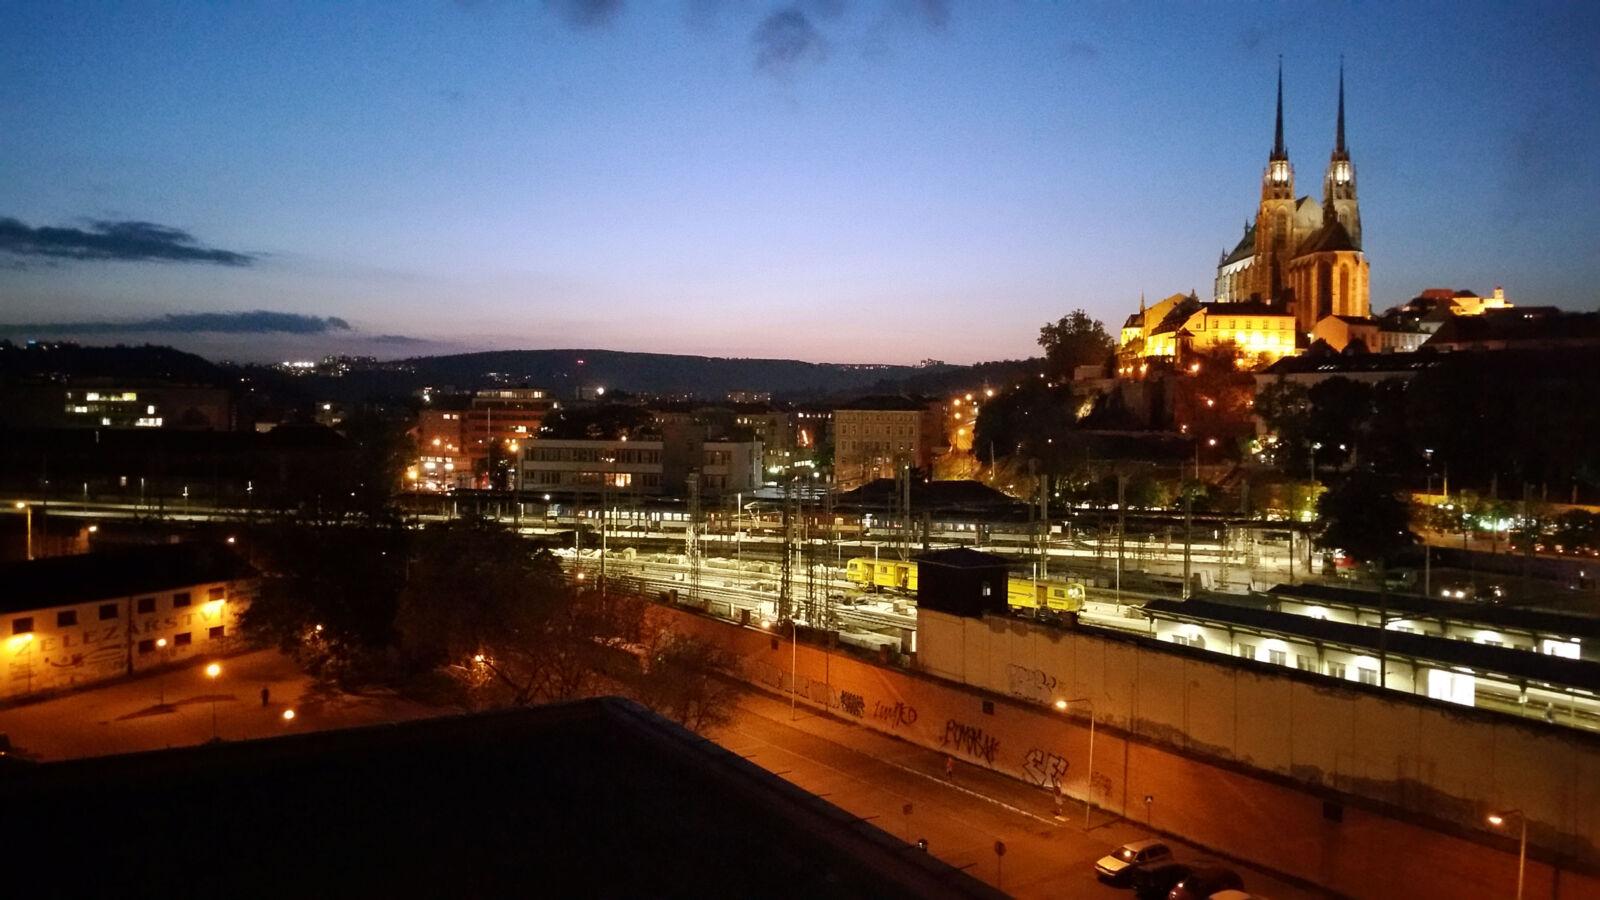 OD Prior a večerní výhled na horní nádraží a Petrov